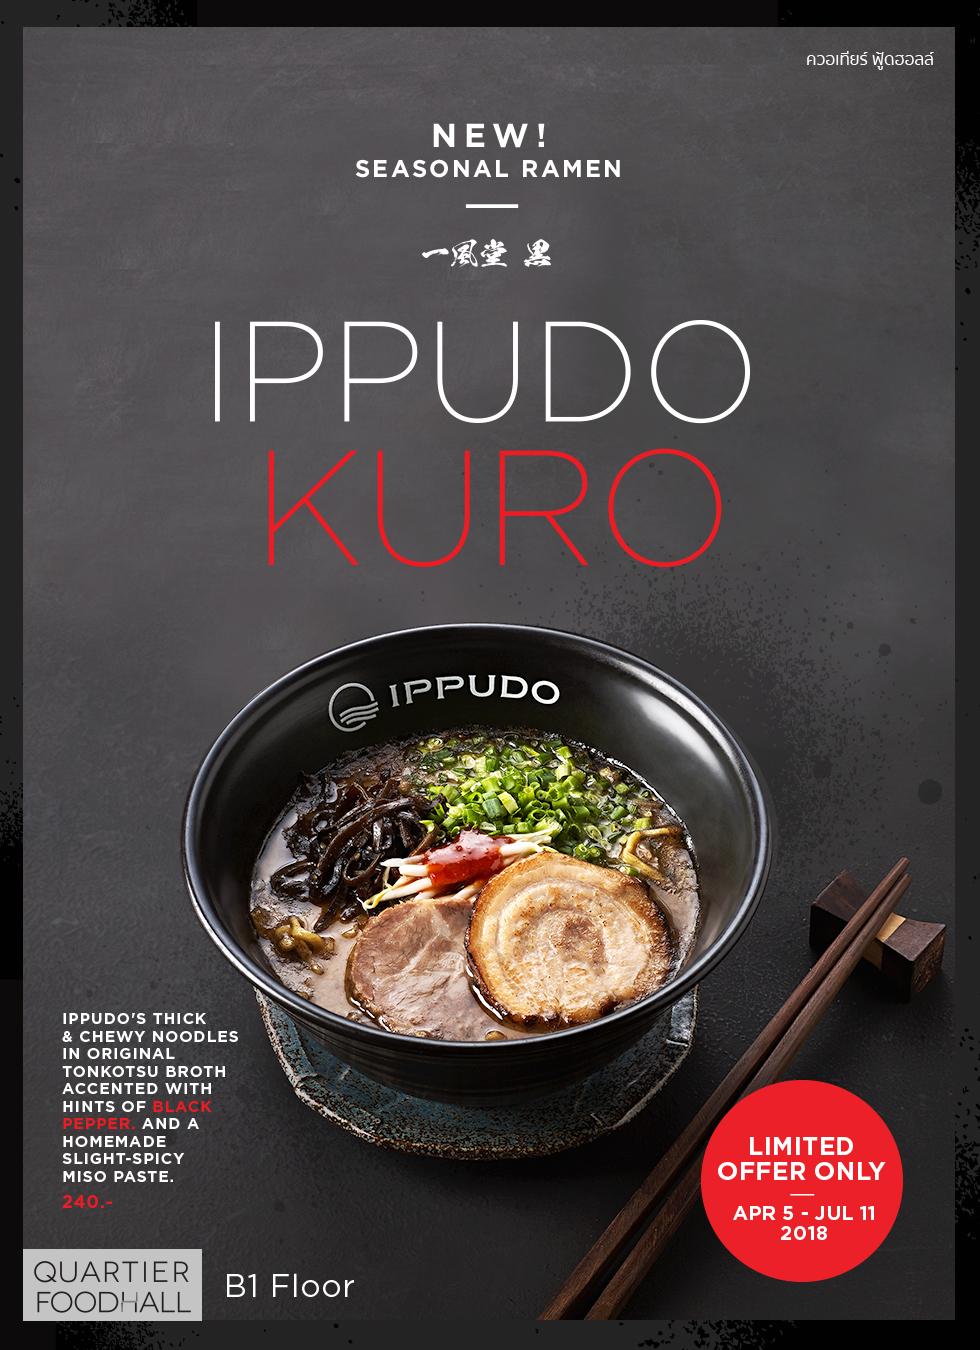 มื้อเที่ยงนี้ชวนเพื่อนสาวมาลิ้มลองอาหารญี่ปุ่นที่-Ippudo